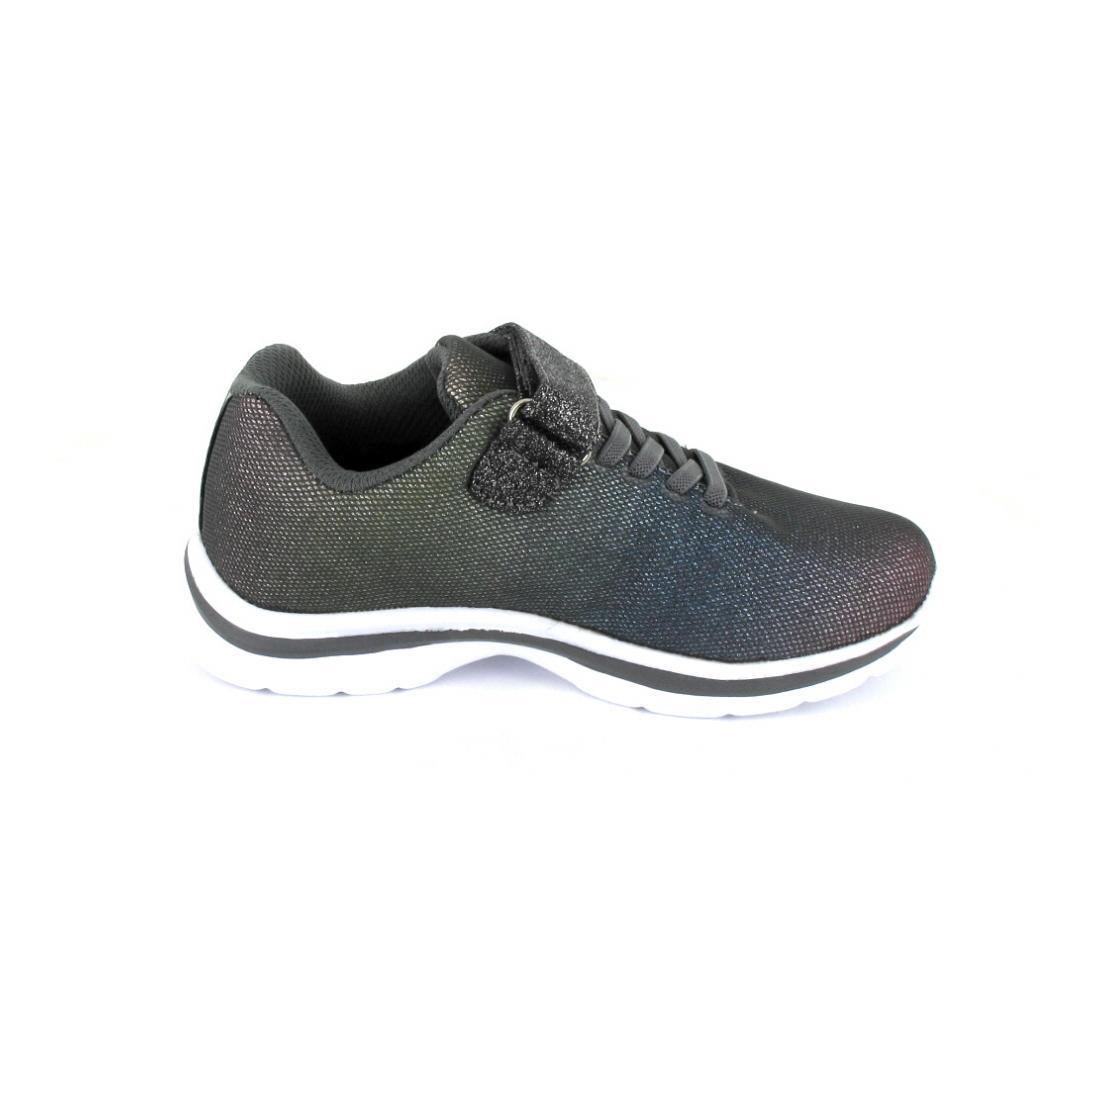 KangaRoos Sneaker KANGASHINE EV II